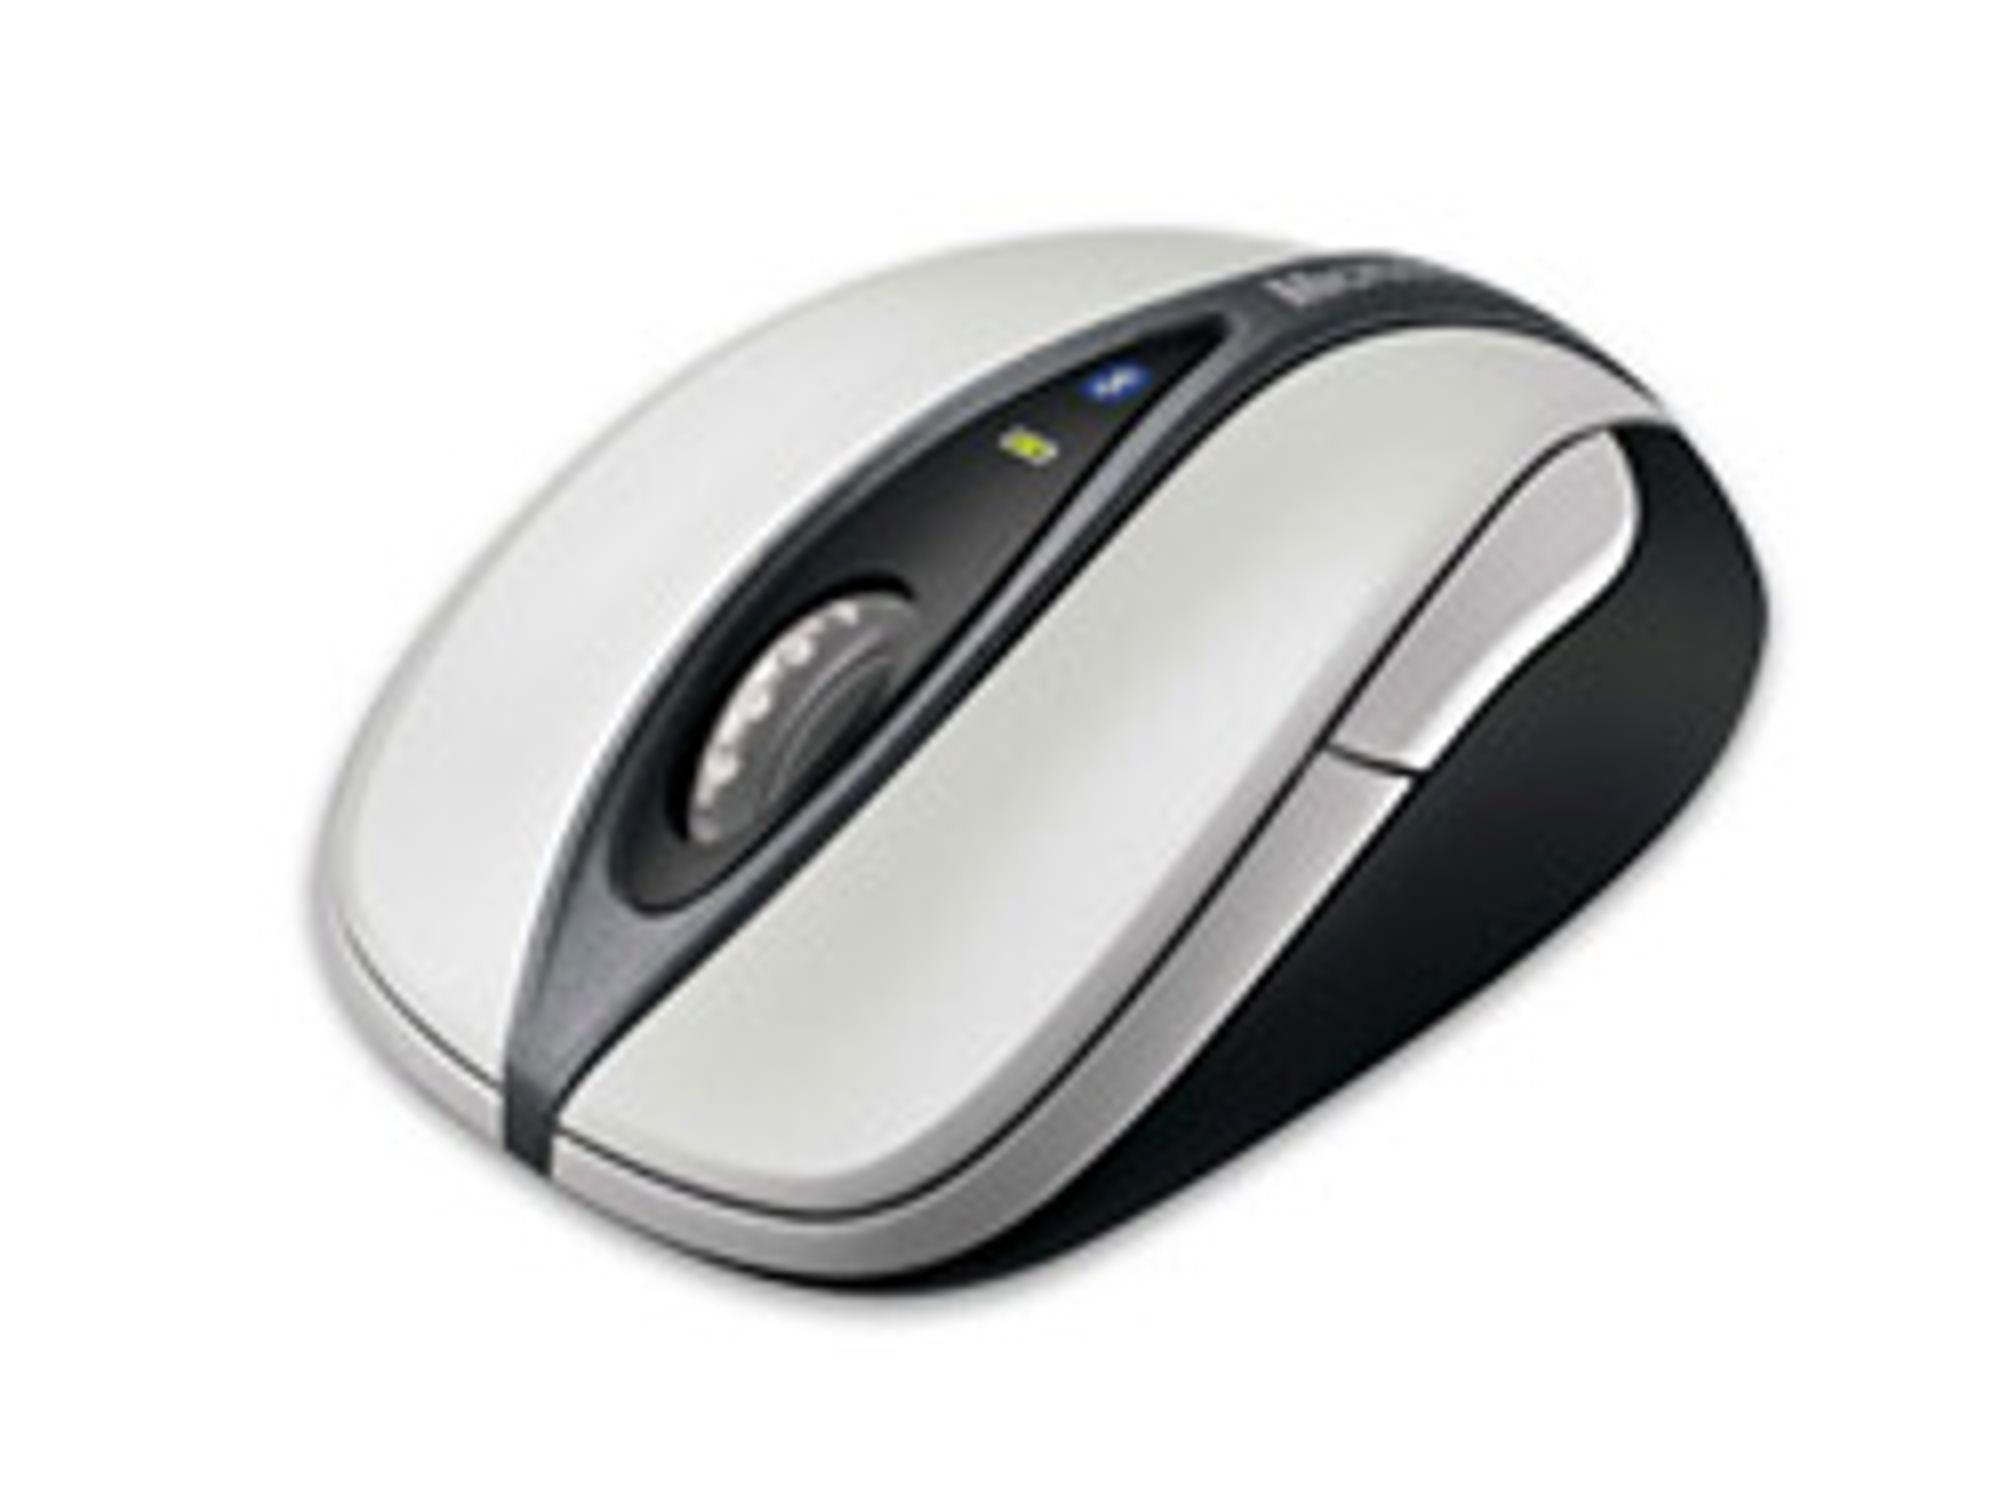 En av dagens moderne mus fra Microsoft. (Foto: Microsoft)